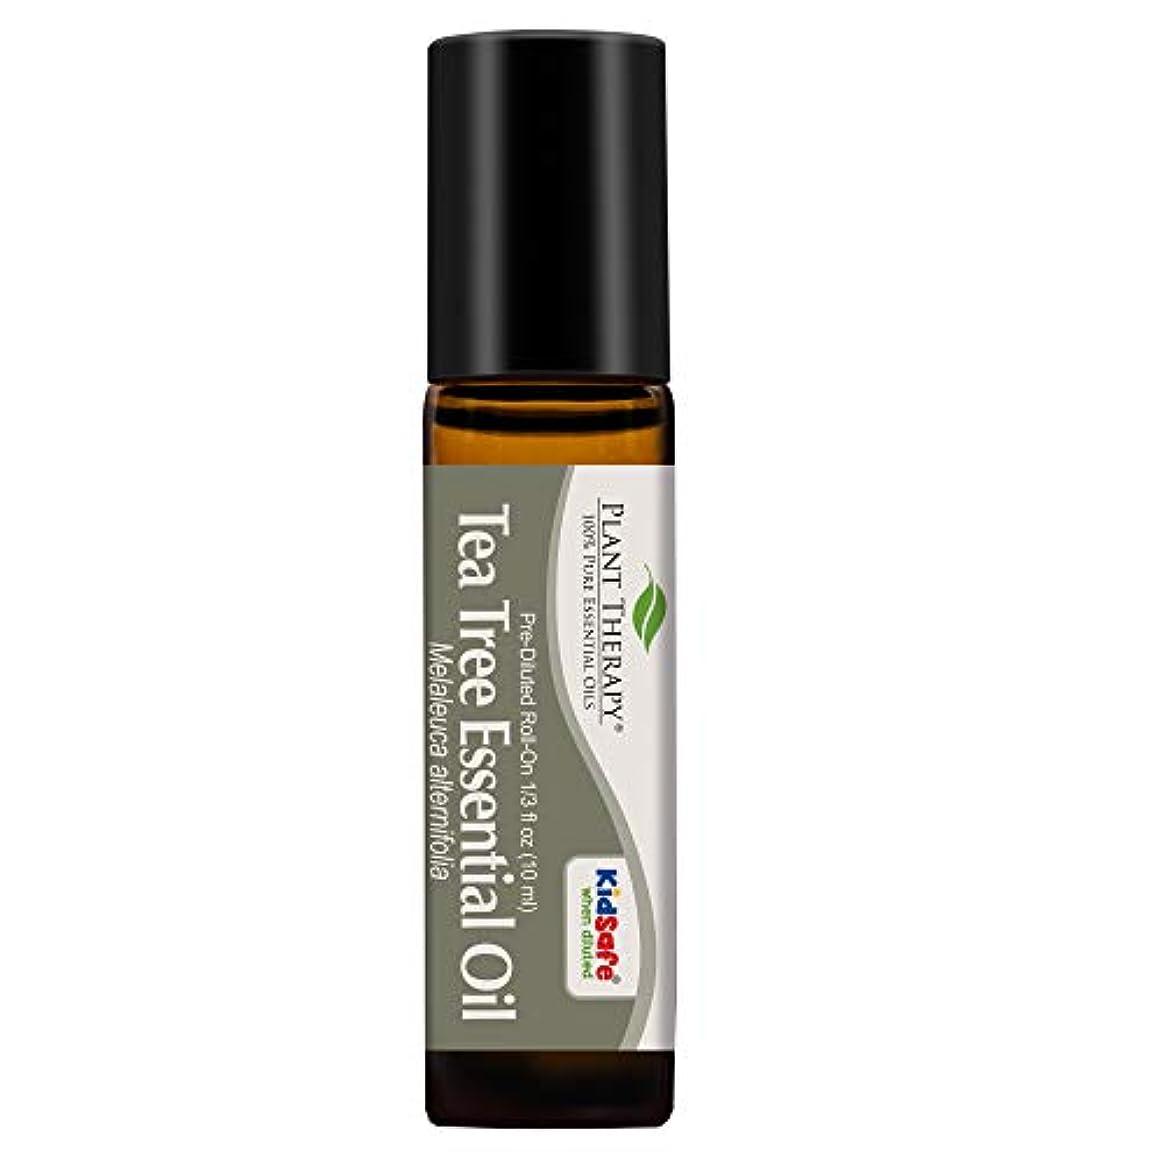 胃エスカレーター修士号Plant Therapy Tea Tree Pre-Diluted Roll-On 10 ml (1/3 fl oz) 100% Pure, Therapeutic Grade